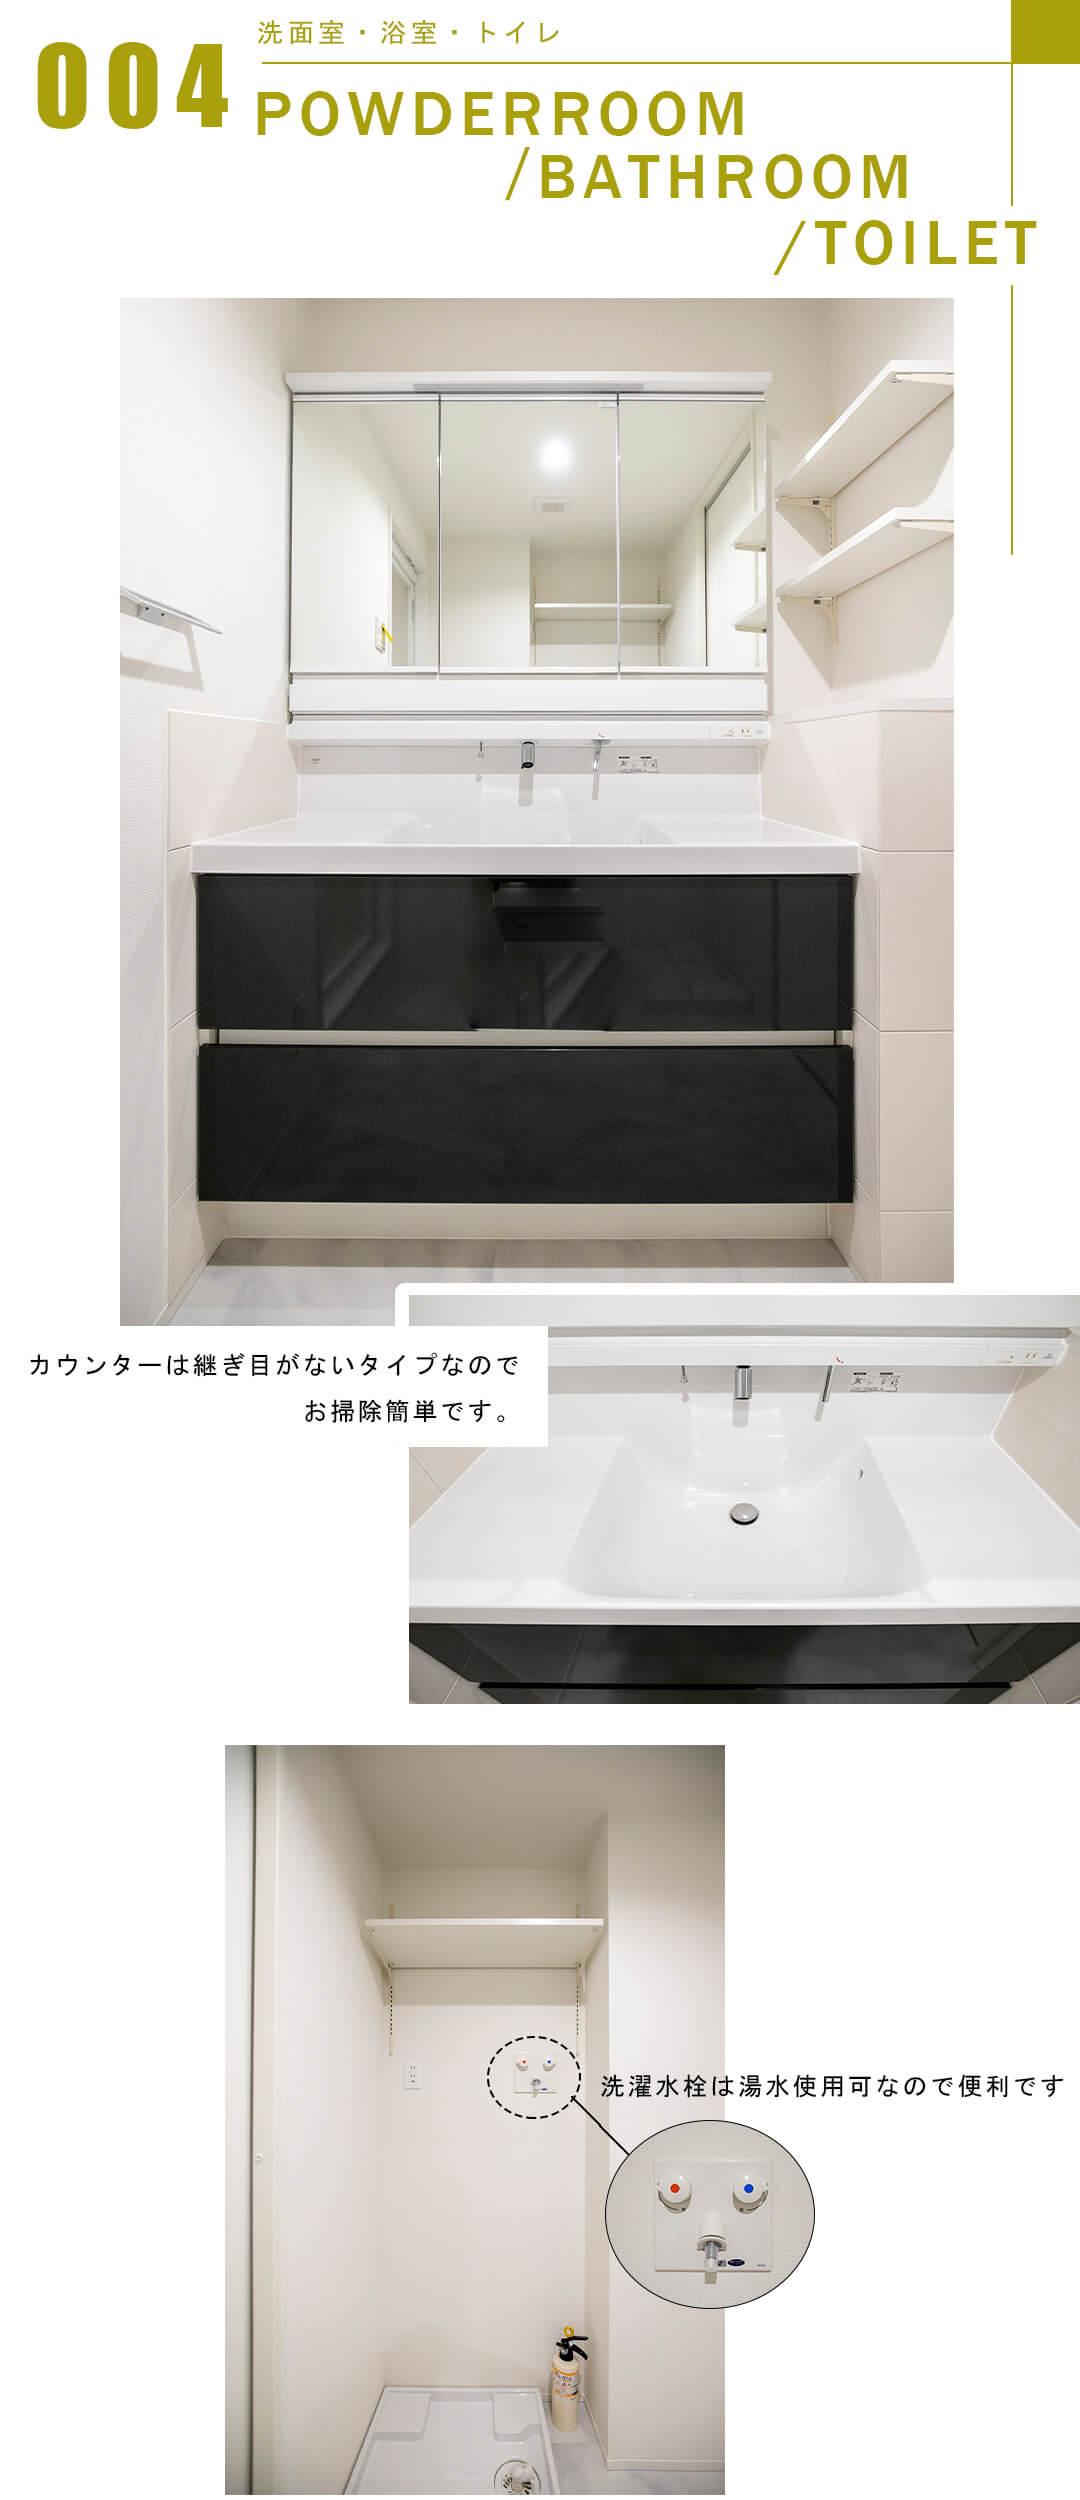 004洗面室,浴室,トイレ,BATHTOOM,POEDERROOM,TOILET